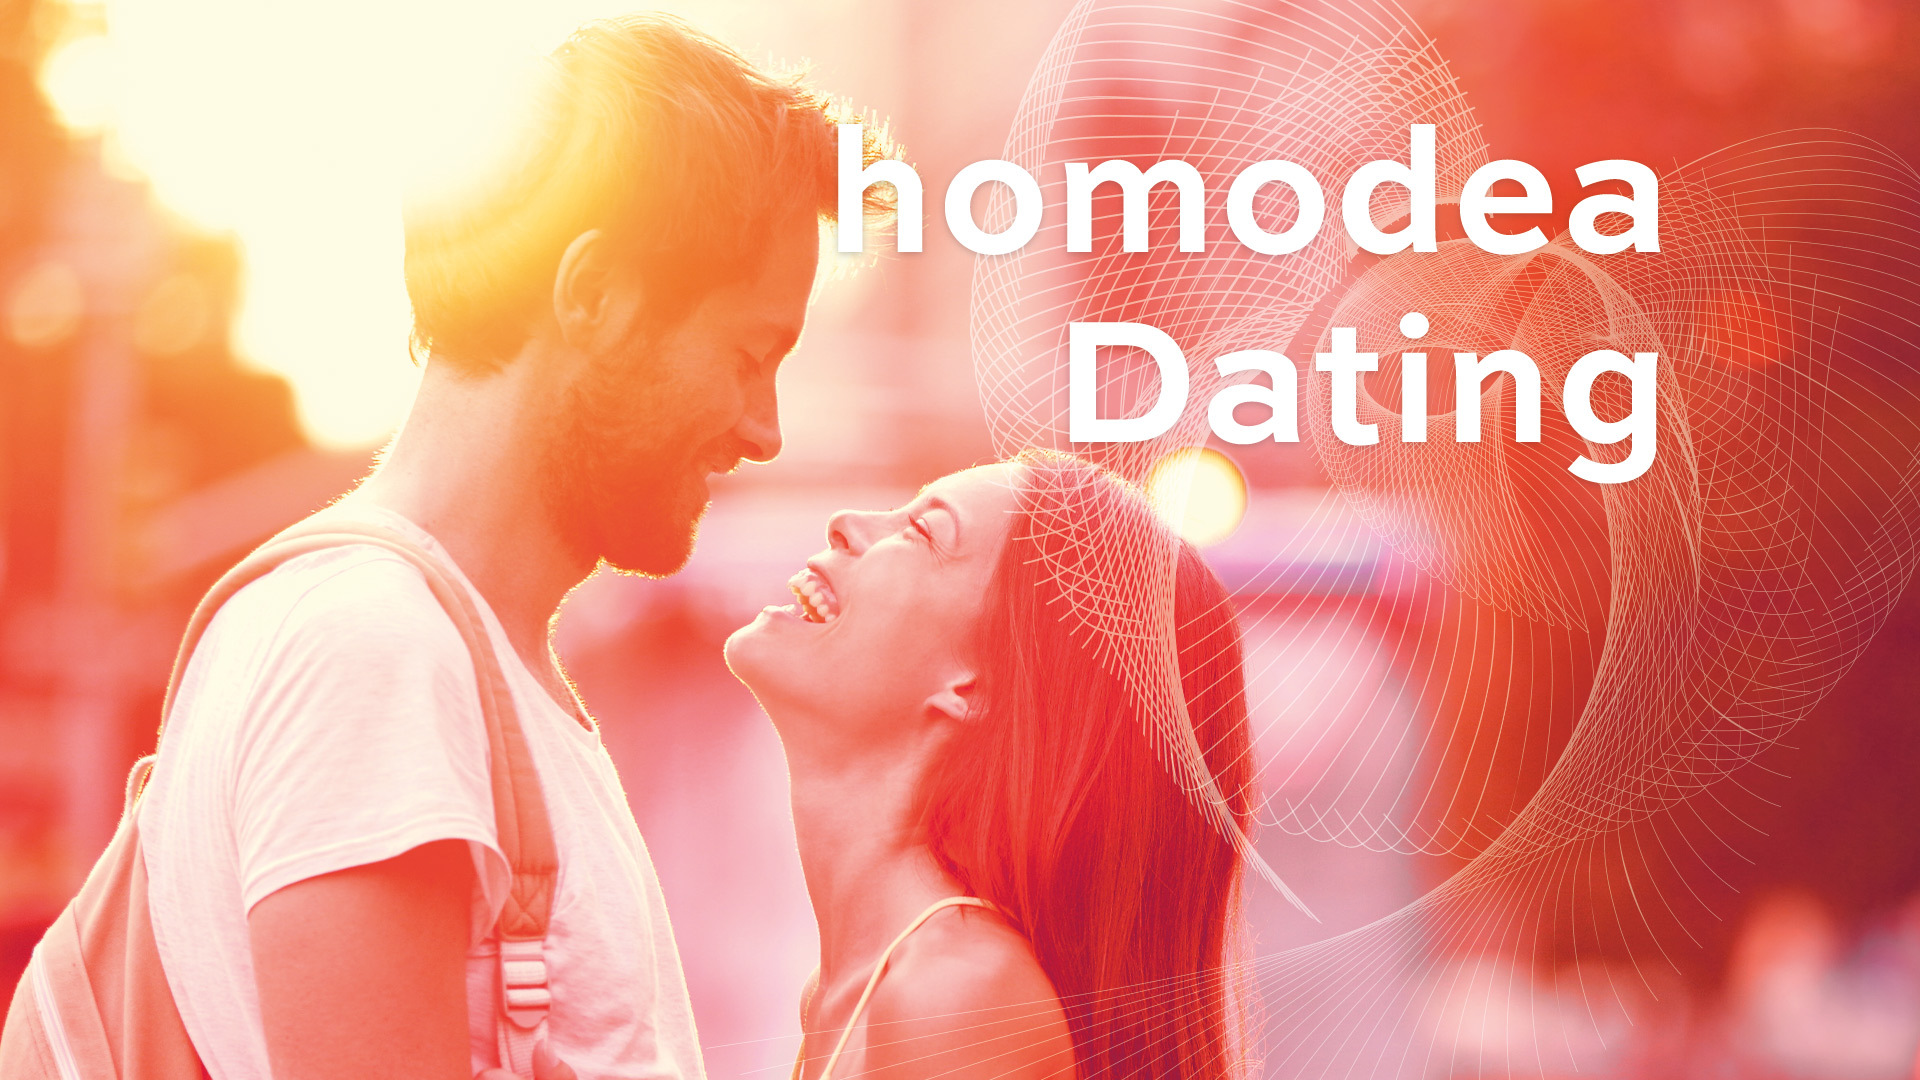 homodea-dating